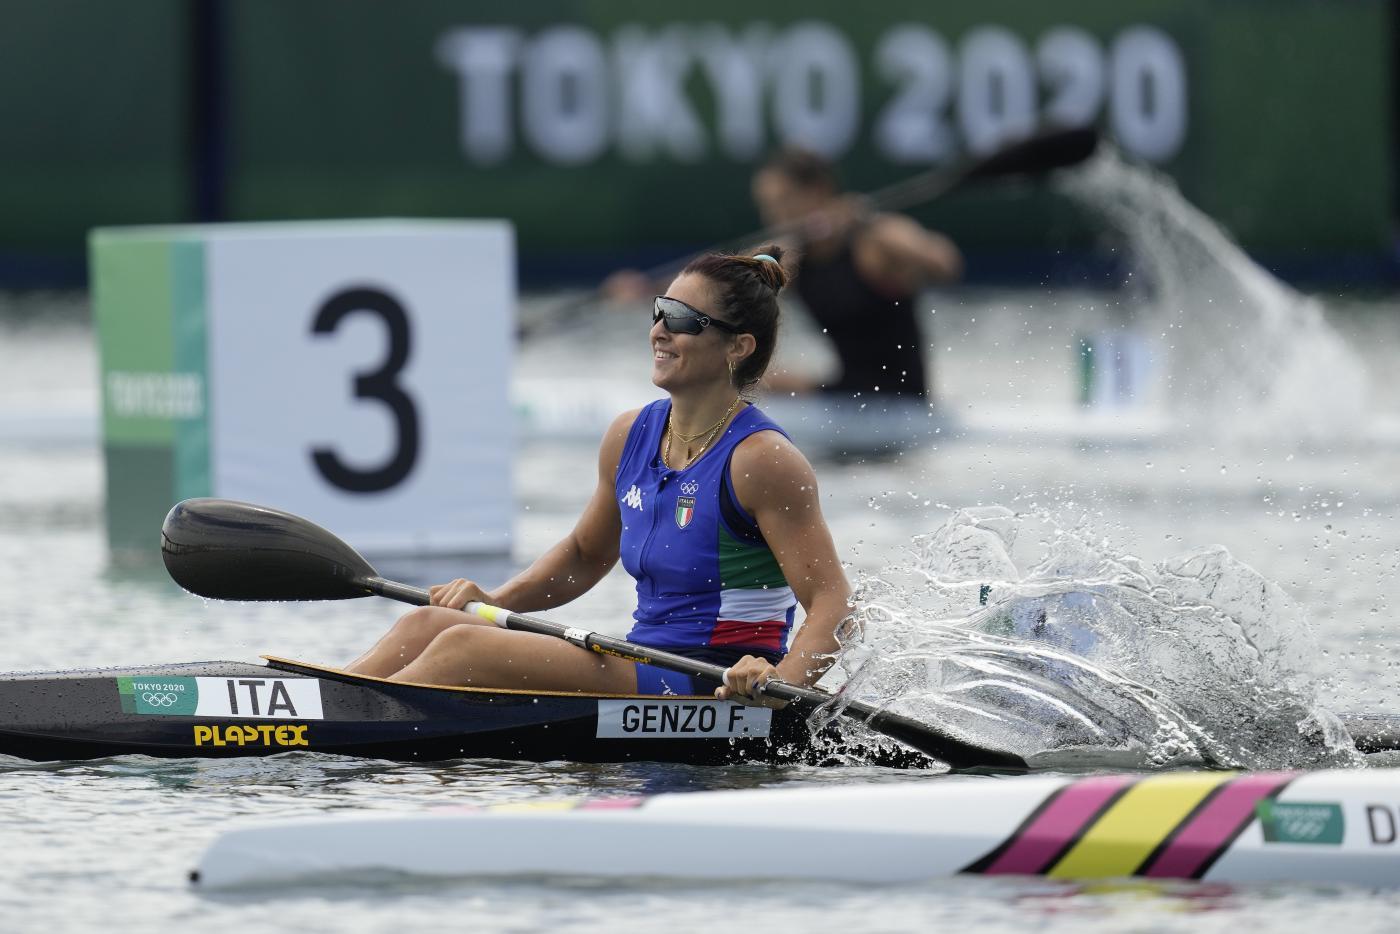 Canoa velocità, Francesca Genzo in finale alle Olimpiadi nel K1 200 metri!